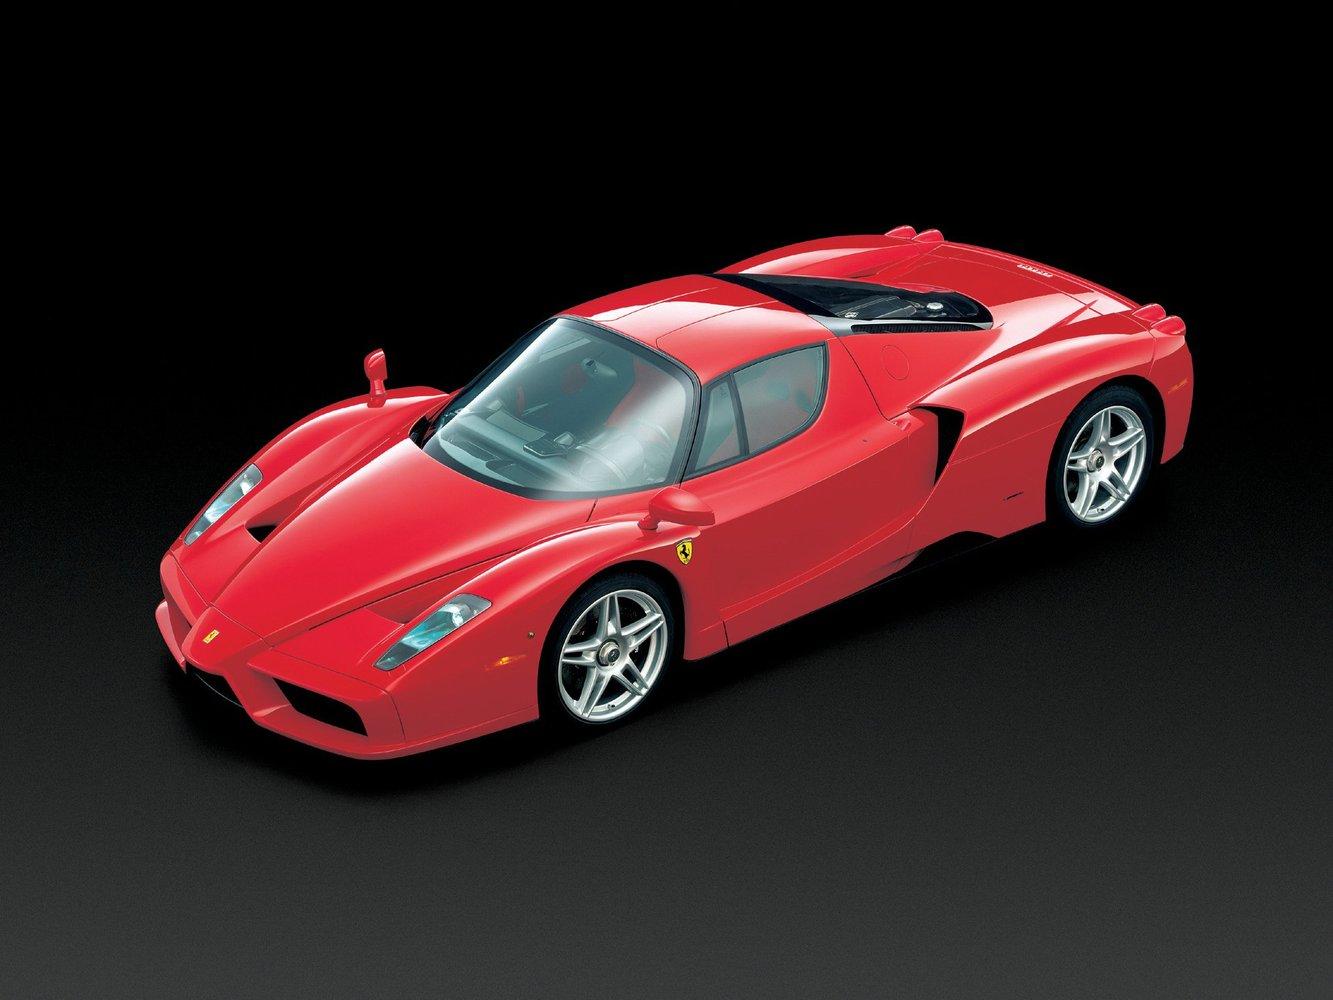 ferrari Ferrari Enzo